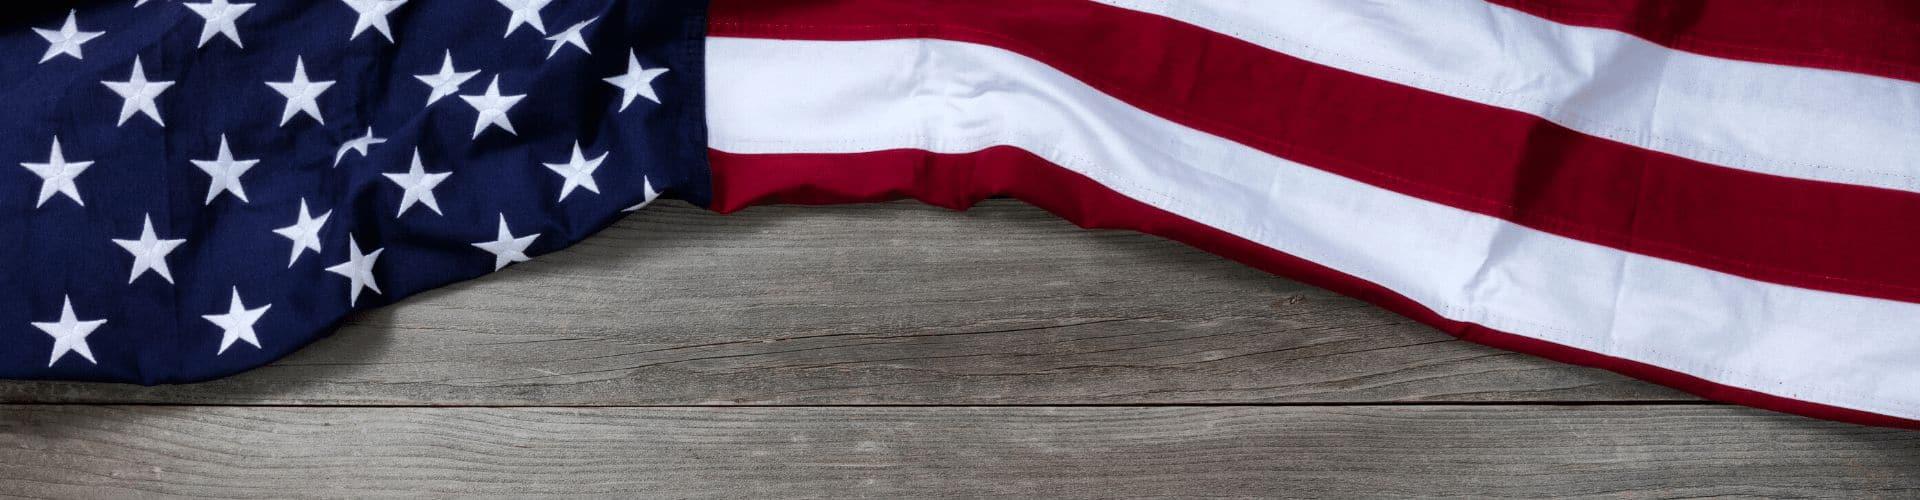 Banner Estados Unidos móvil - UVa